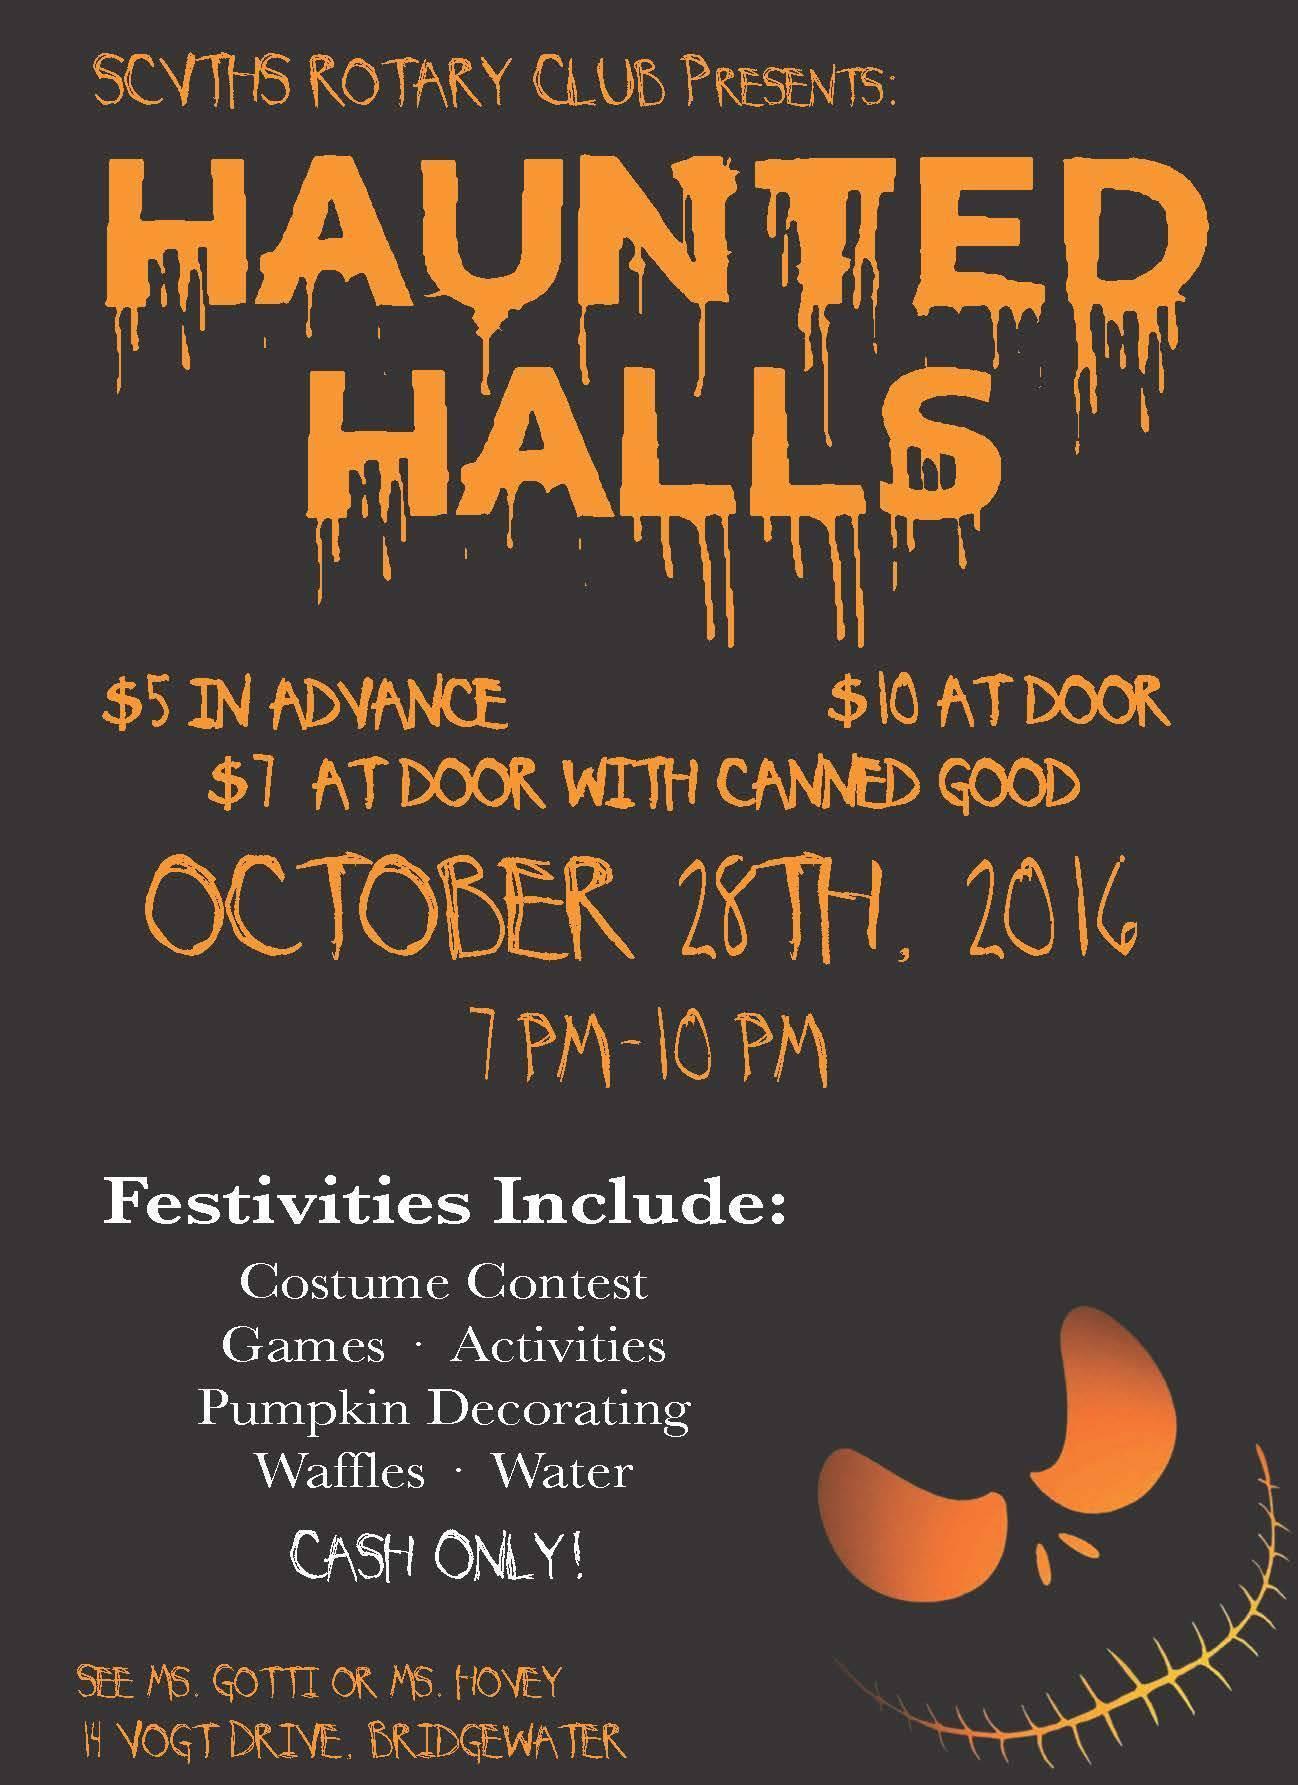 6dac0be5c97081d33d25_Haunted_Halls_Poster.jpg